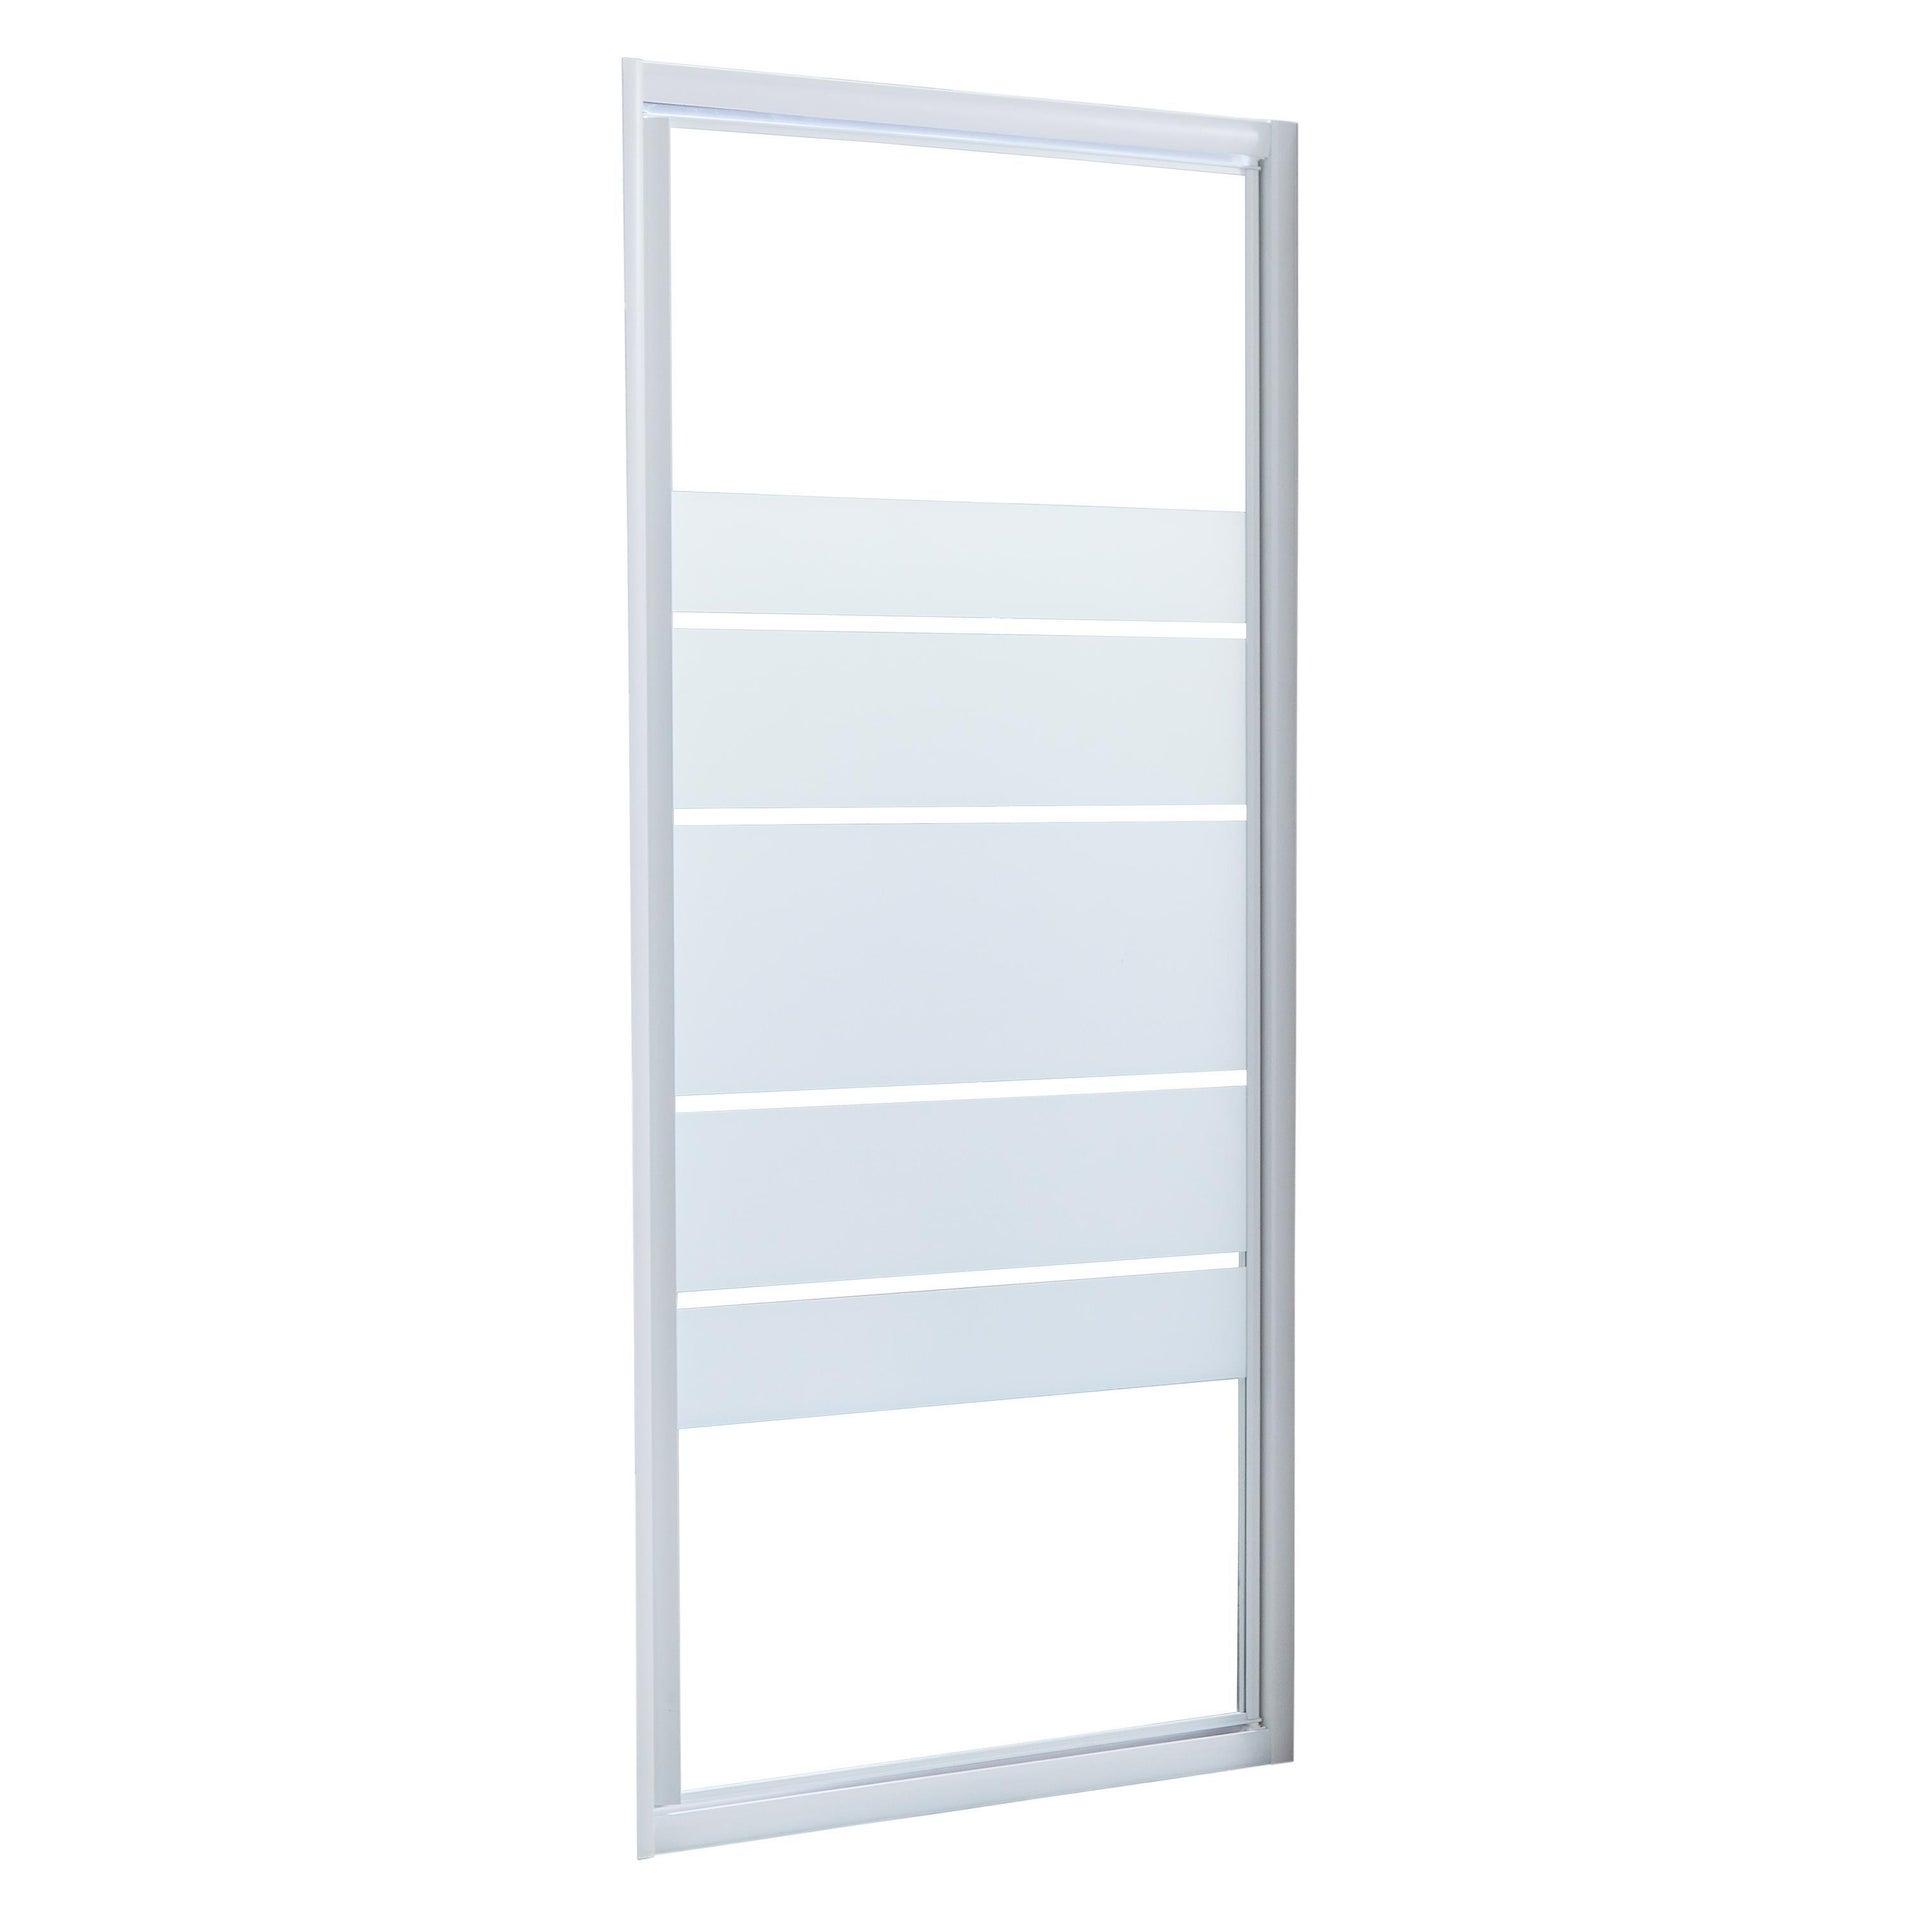 Porta doccia battente Essential 80 cm, H 185 cm in vetro, spessore 4 mm serigrafato bianco - 1